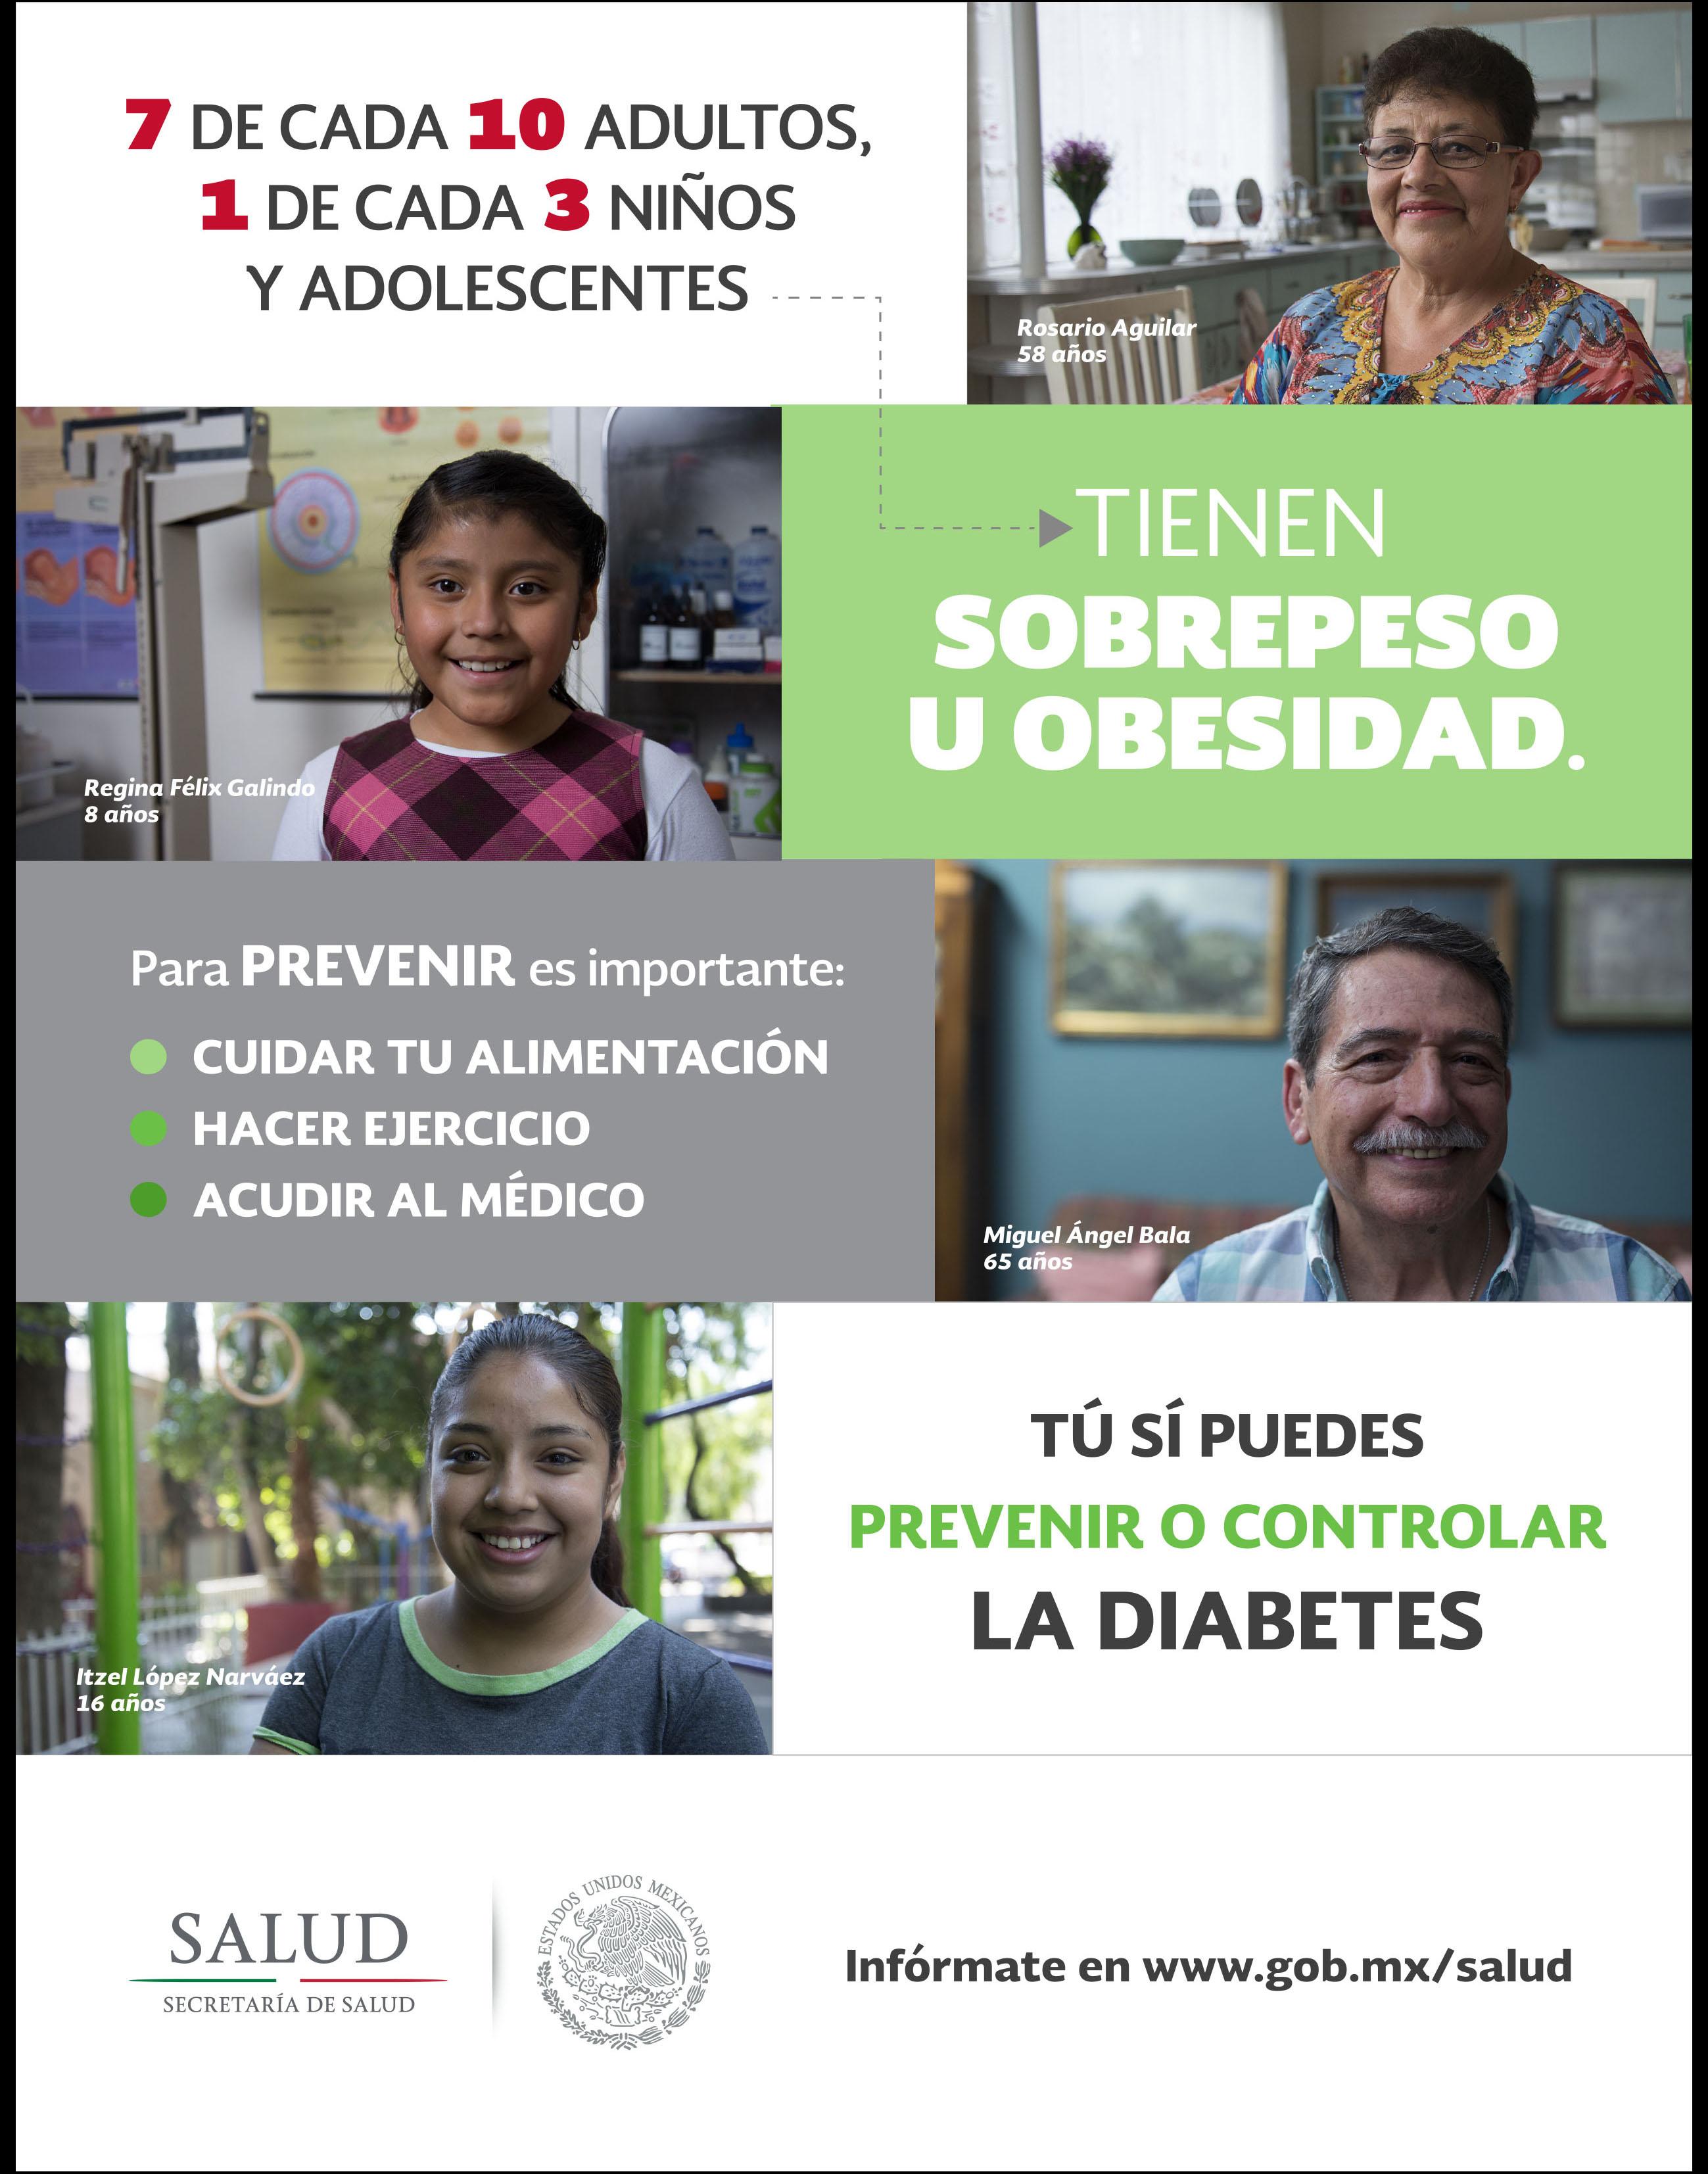 Sobrepeso y obesidad, factores de riesgos para desarrollar diabetes